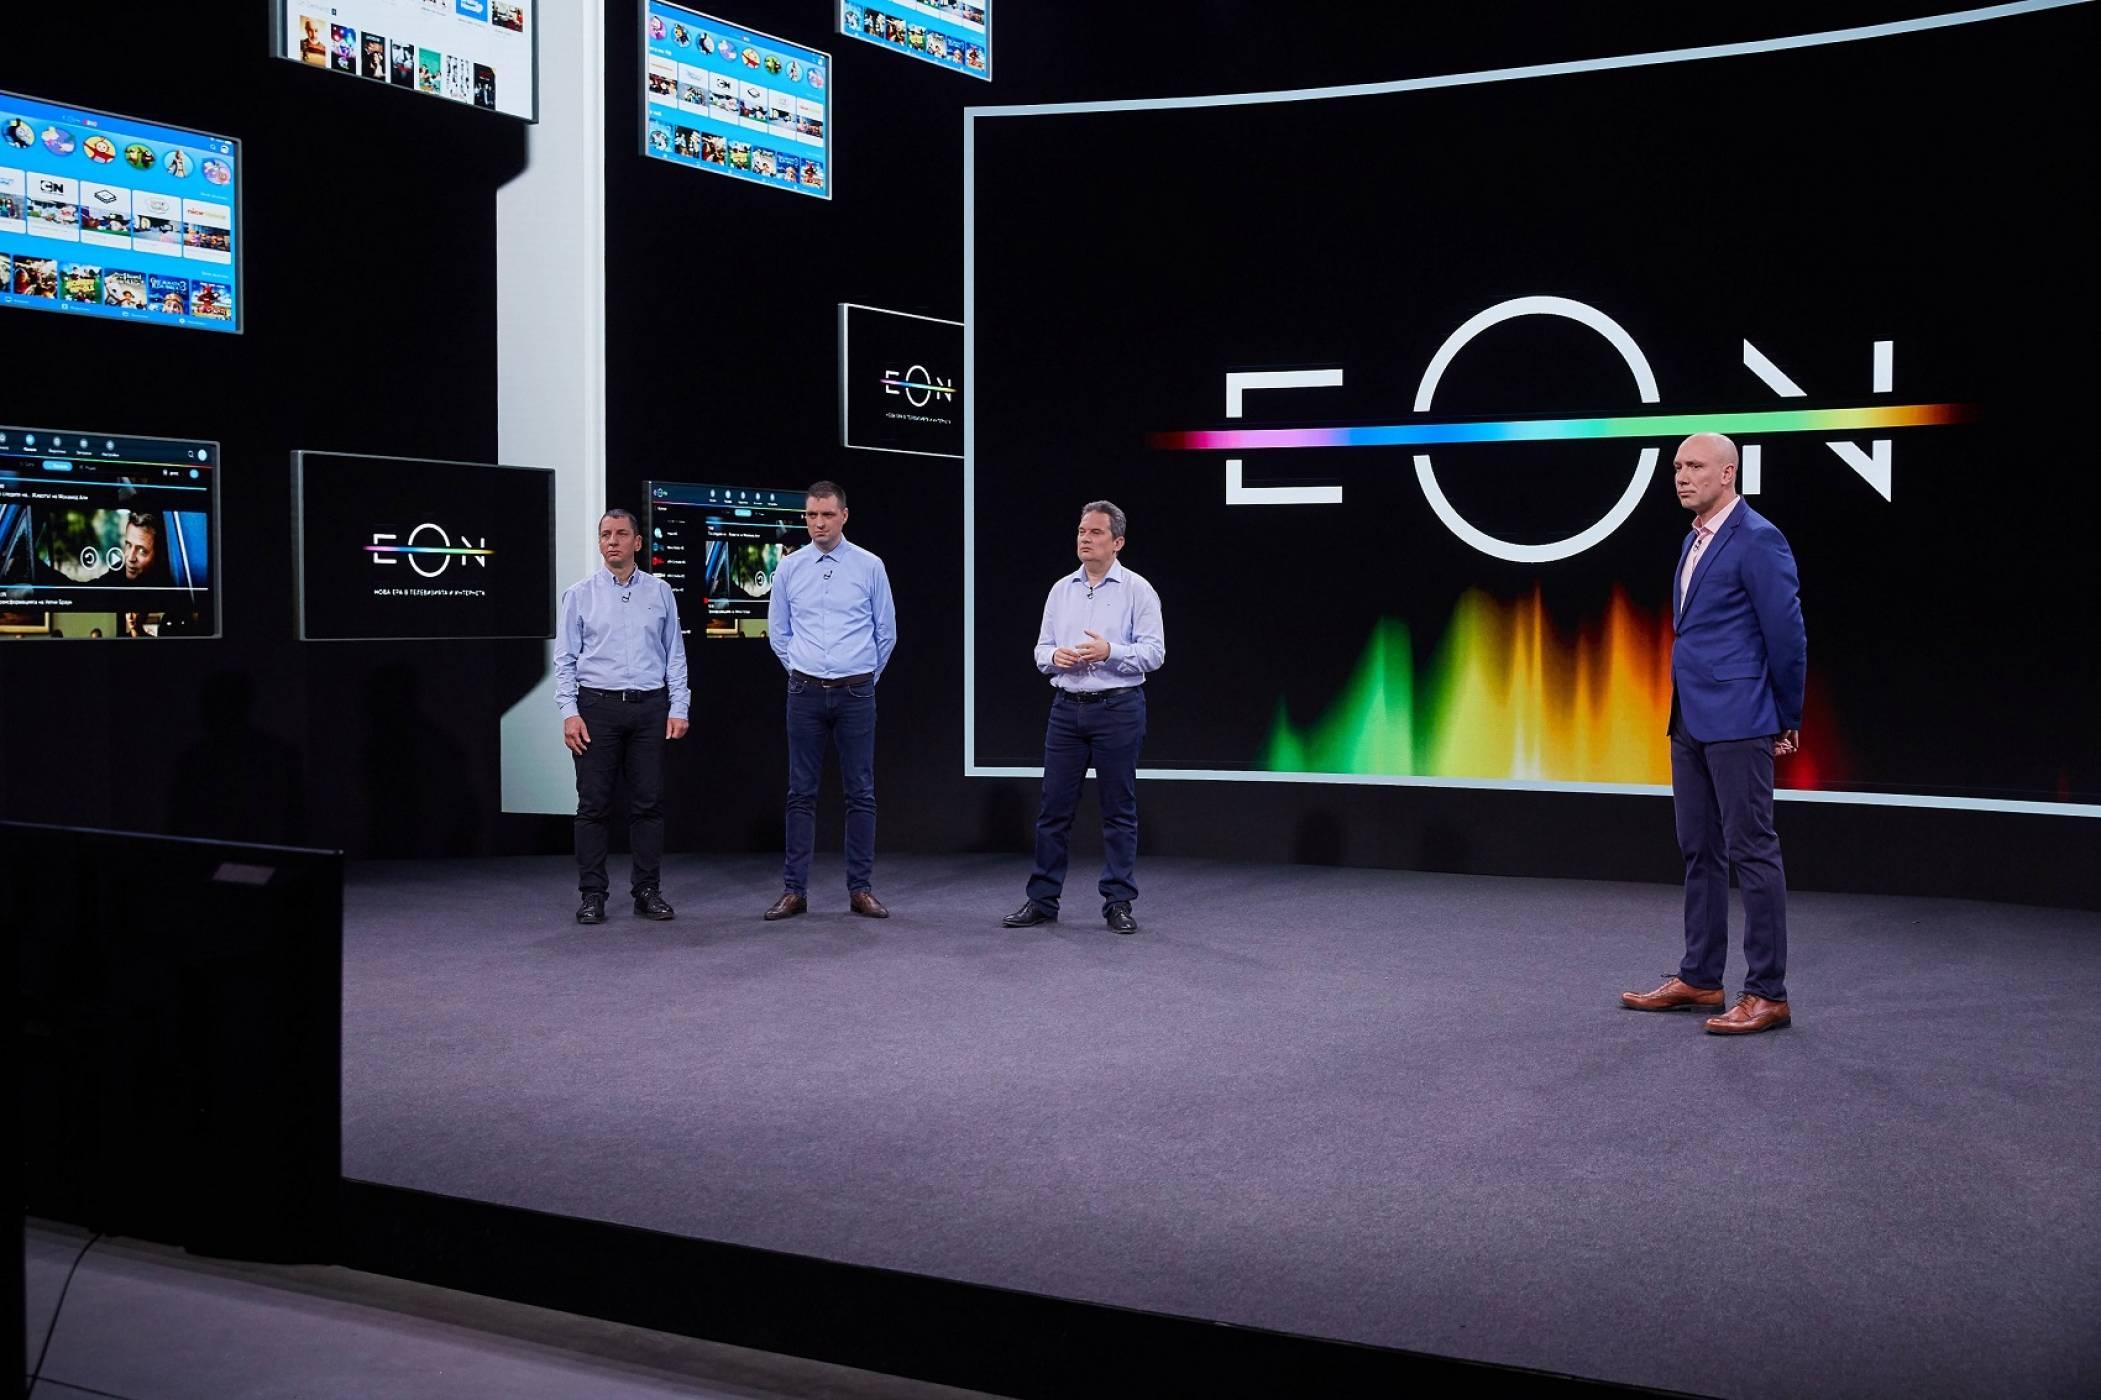 Vivacom представя пакети EON, които комбинират супер бърз интернет с изцяло нова телевизионна платформа